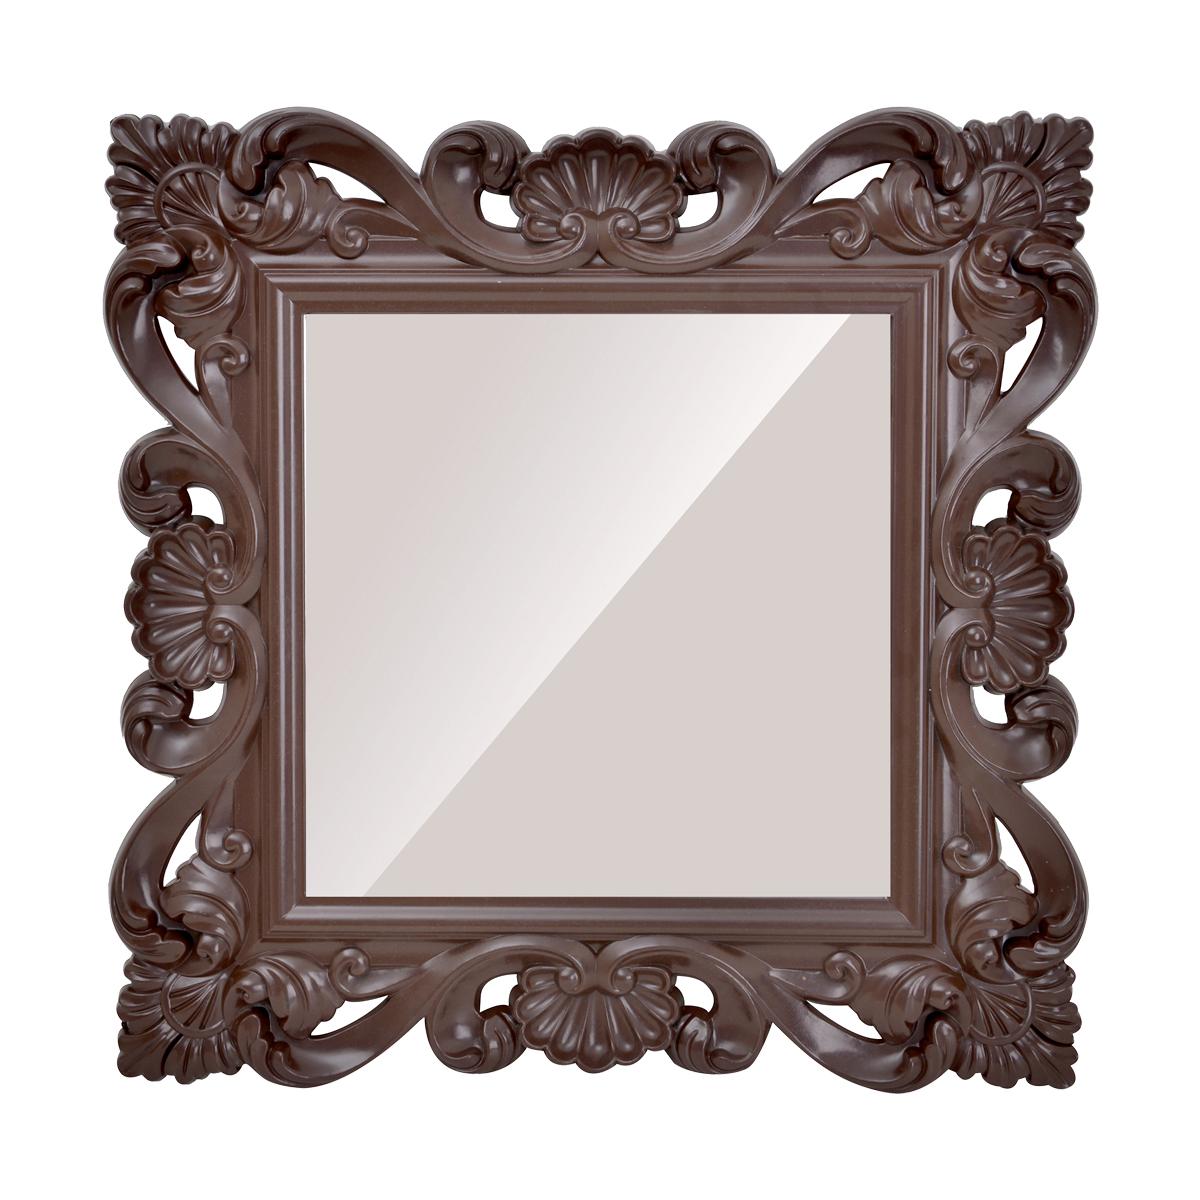 مرآة حائط مربعة الشكل - اطار بلاستيكي قوي مزخرف